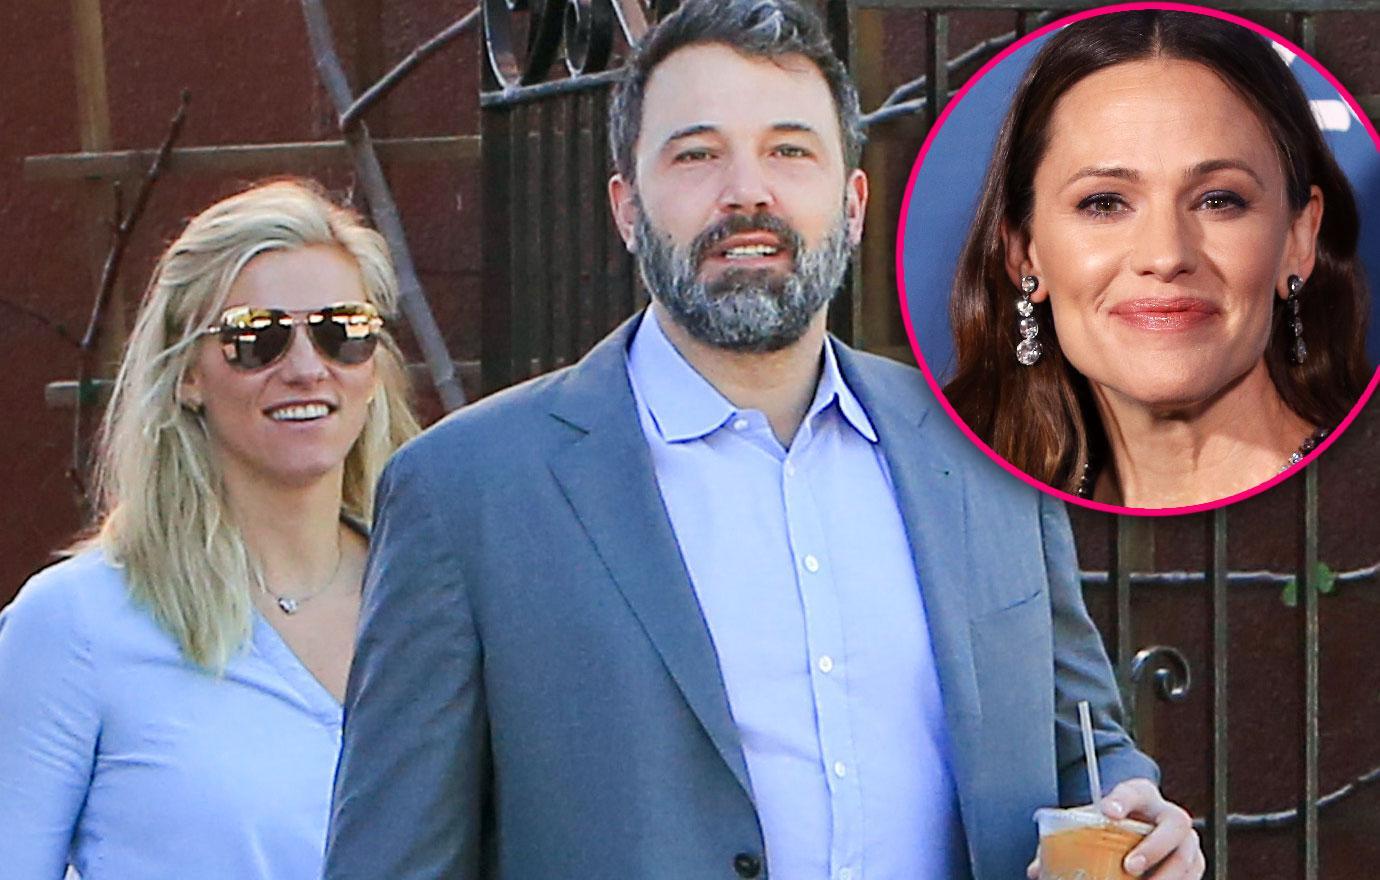 Ben Affleck Reunites With Lindsay Shookus Wedding With Garner